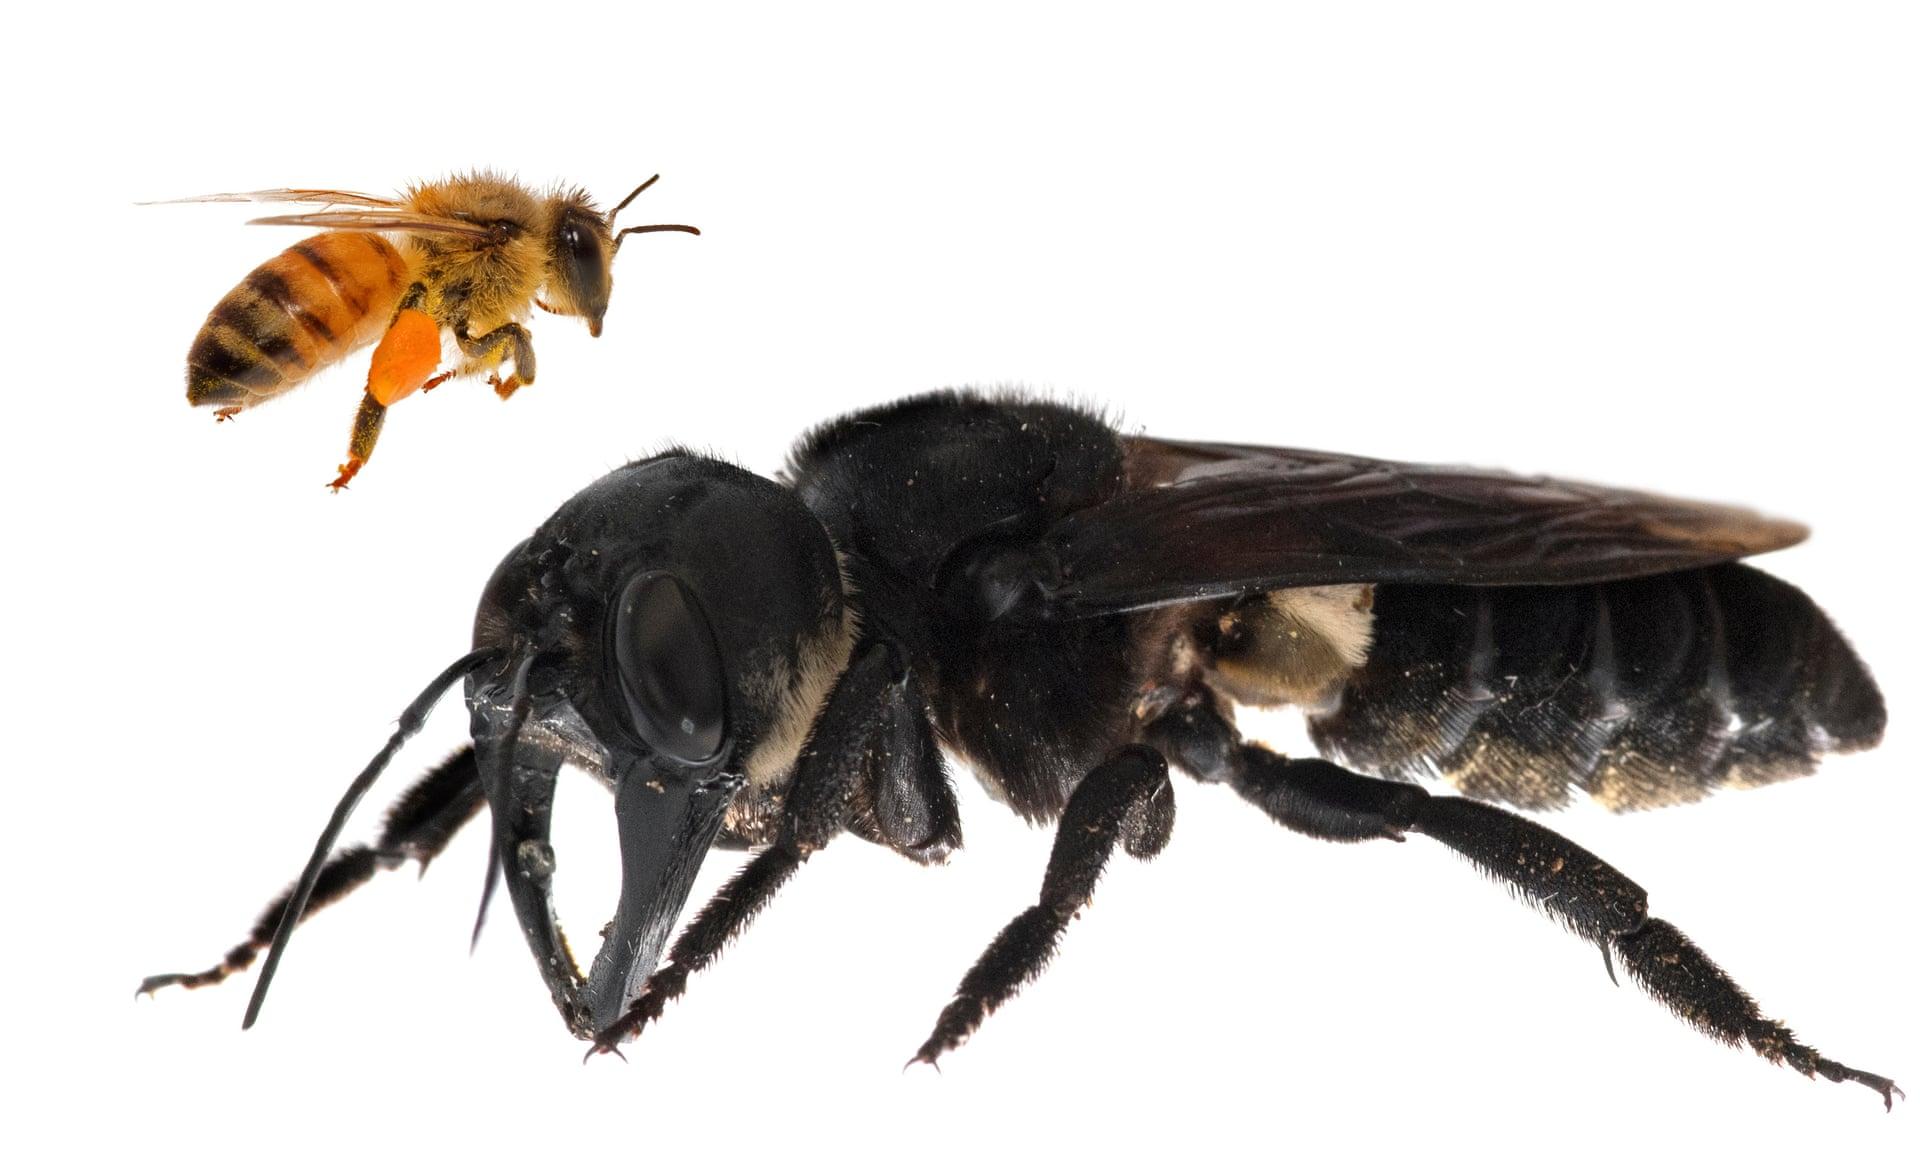 Гигантская пчела Уоллеса на переднем плане примерно в четыре раза больше европейской пчелы. Фотография: Clay Bolt